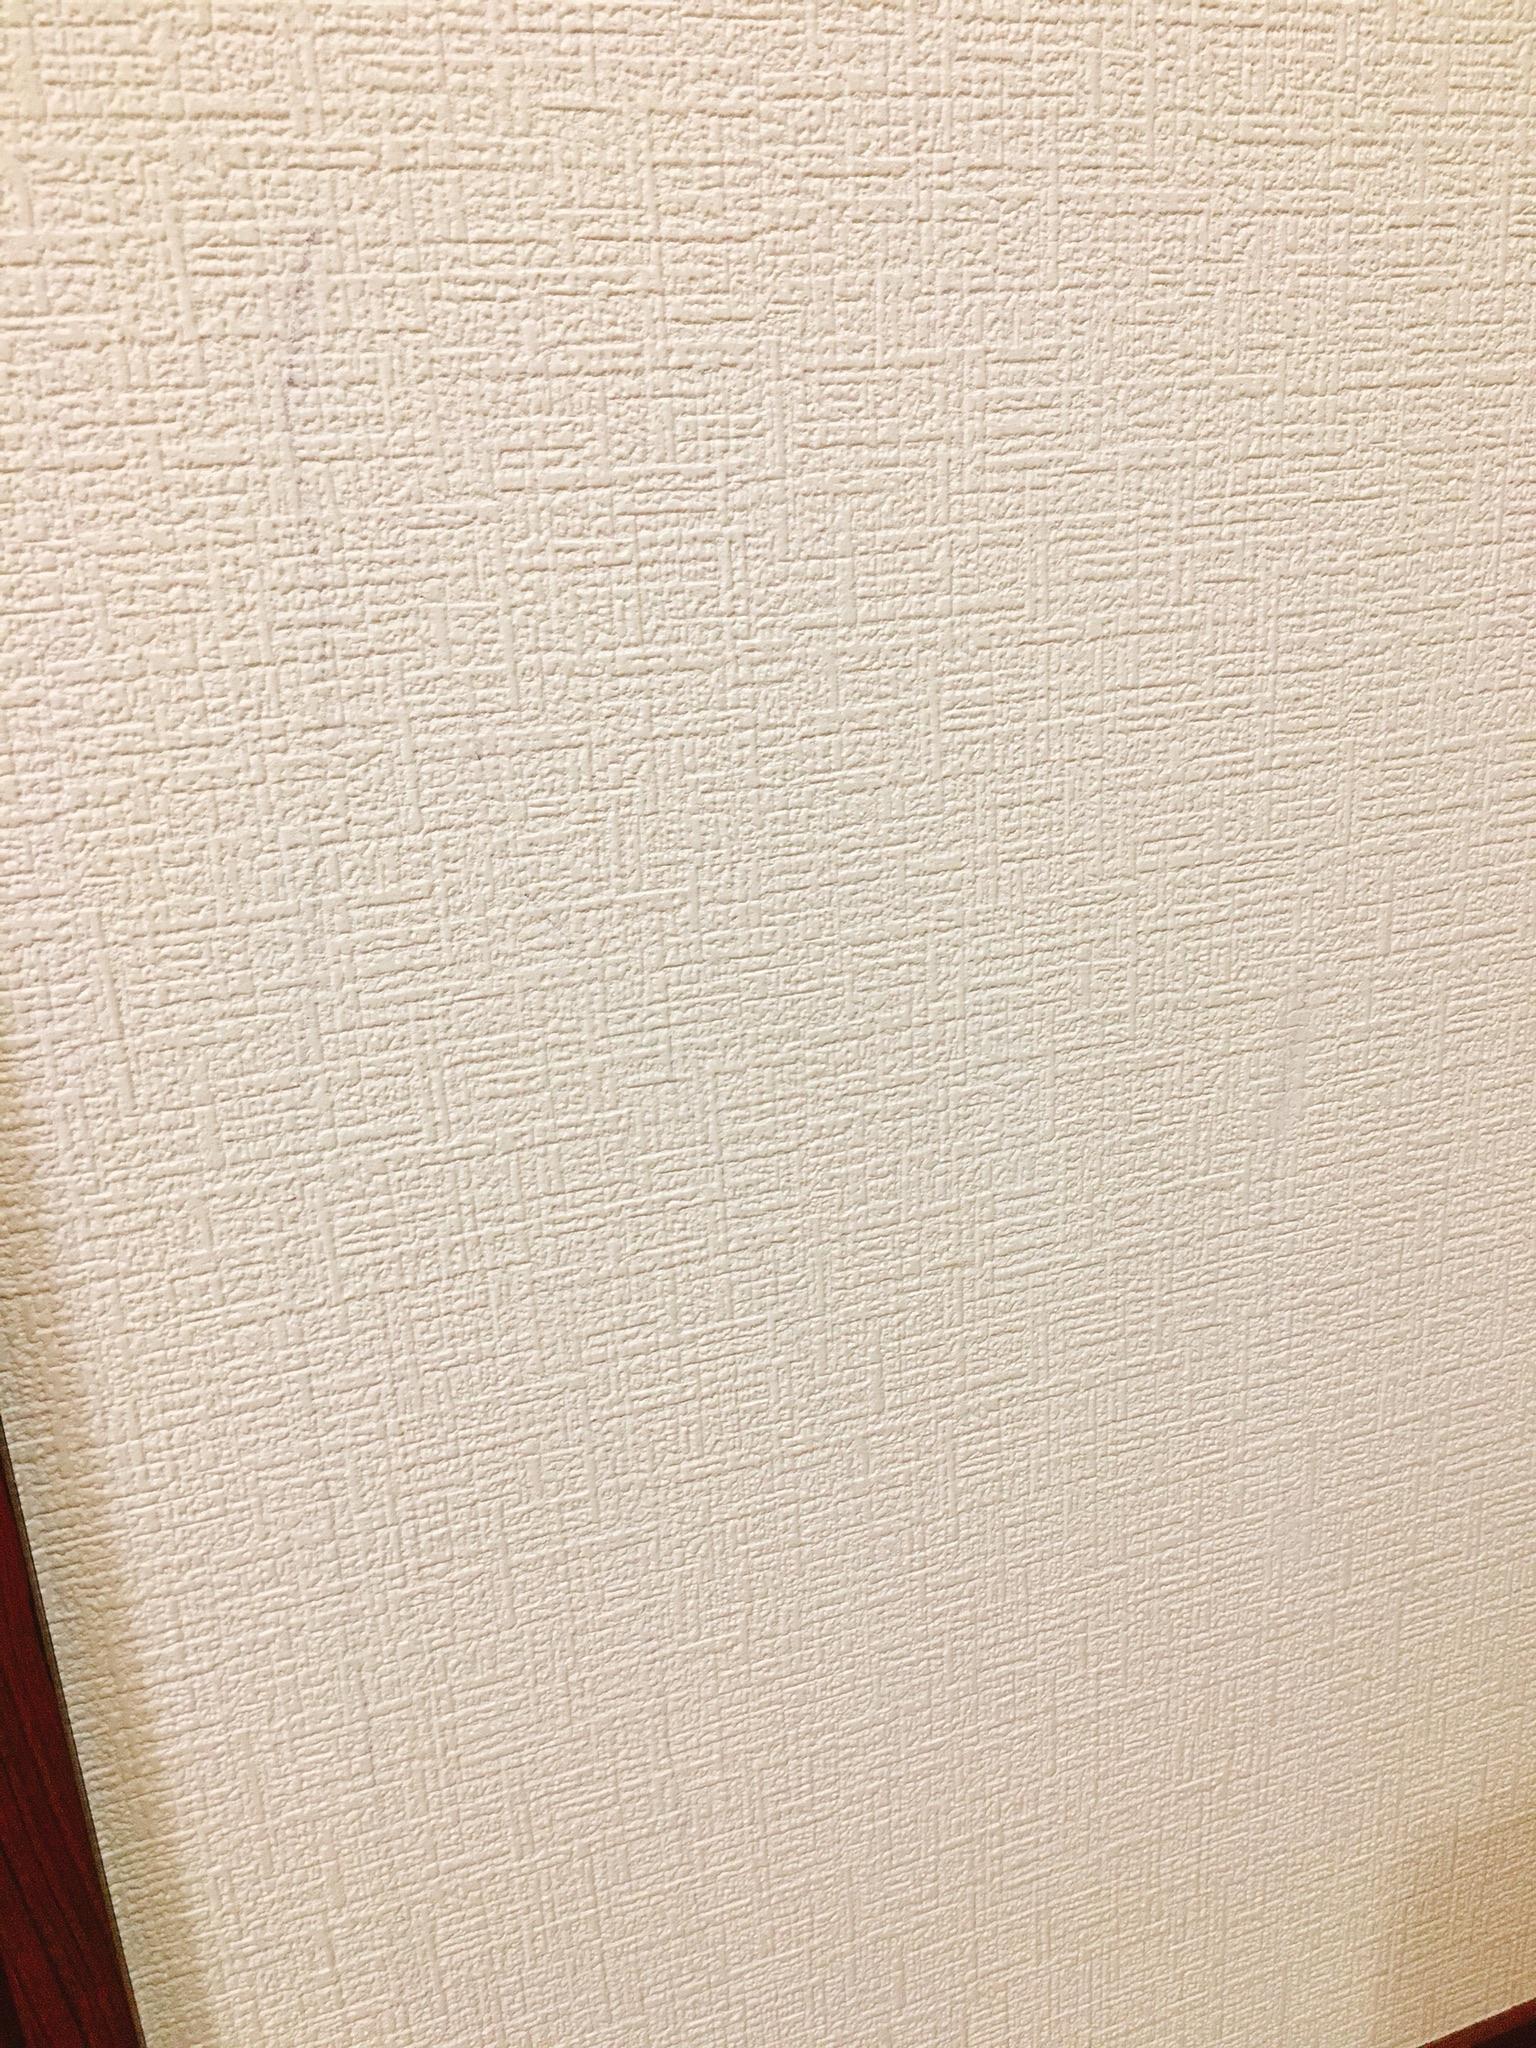 壁紙の落書き